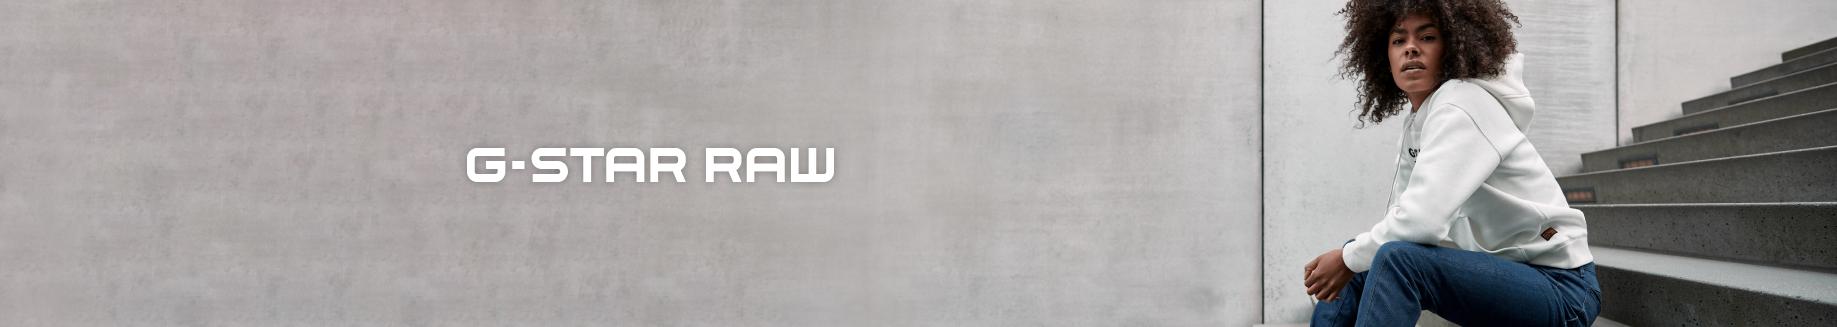 Бренд G-Star RAW